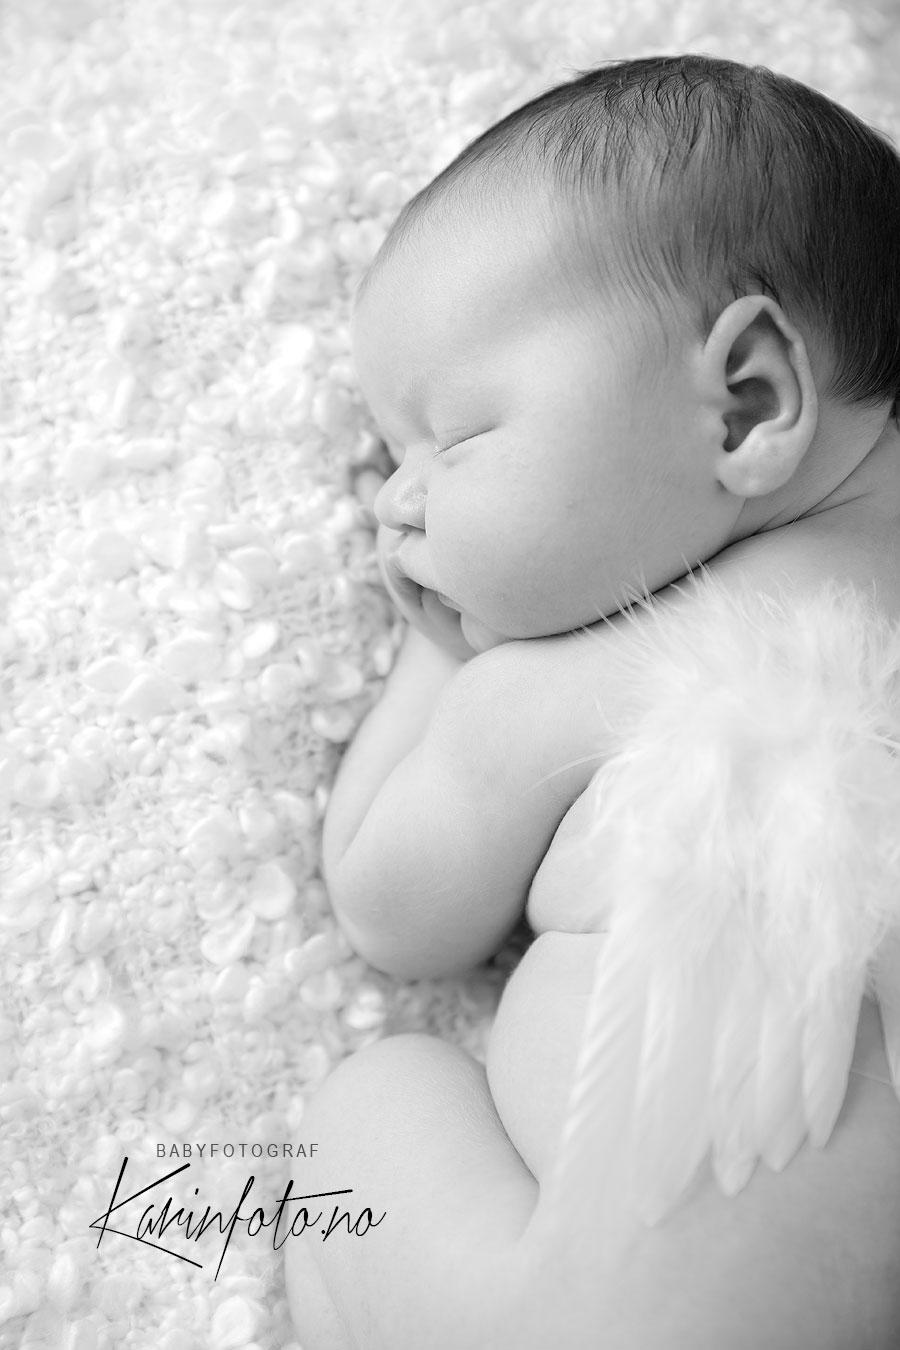 Nærbilde, nyfødt,nyfødtfotografering,sorthvitt,babyfotograf,østlandet,sarpsborg,